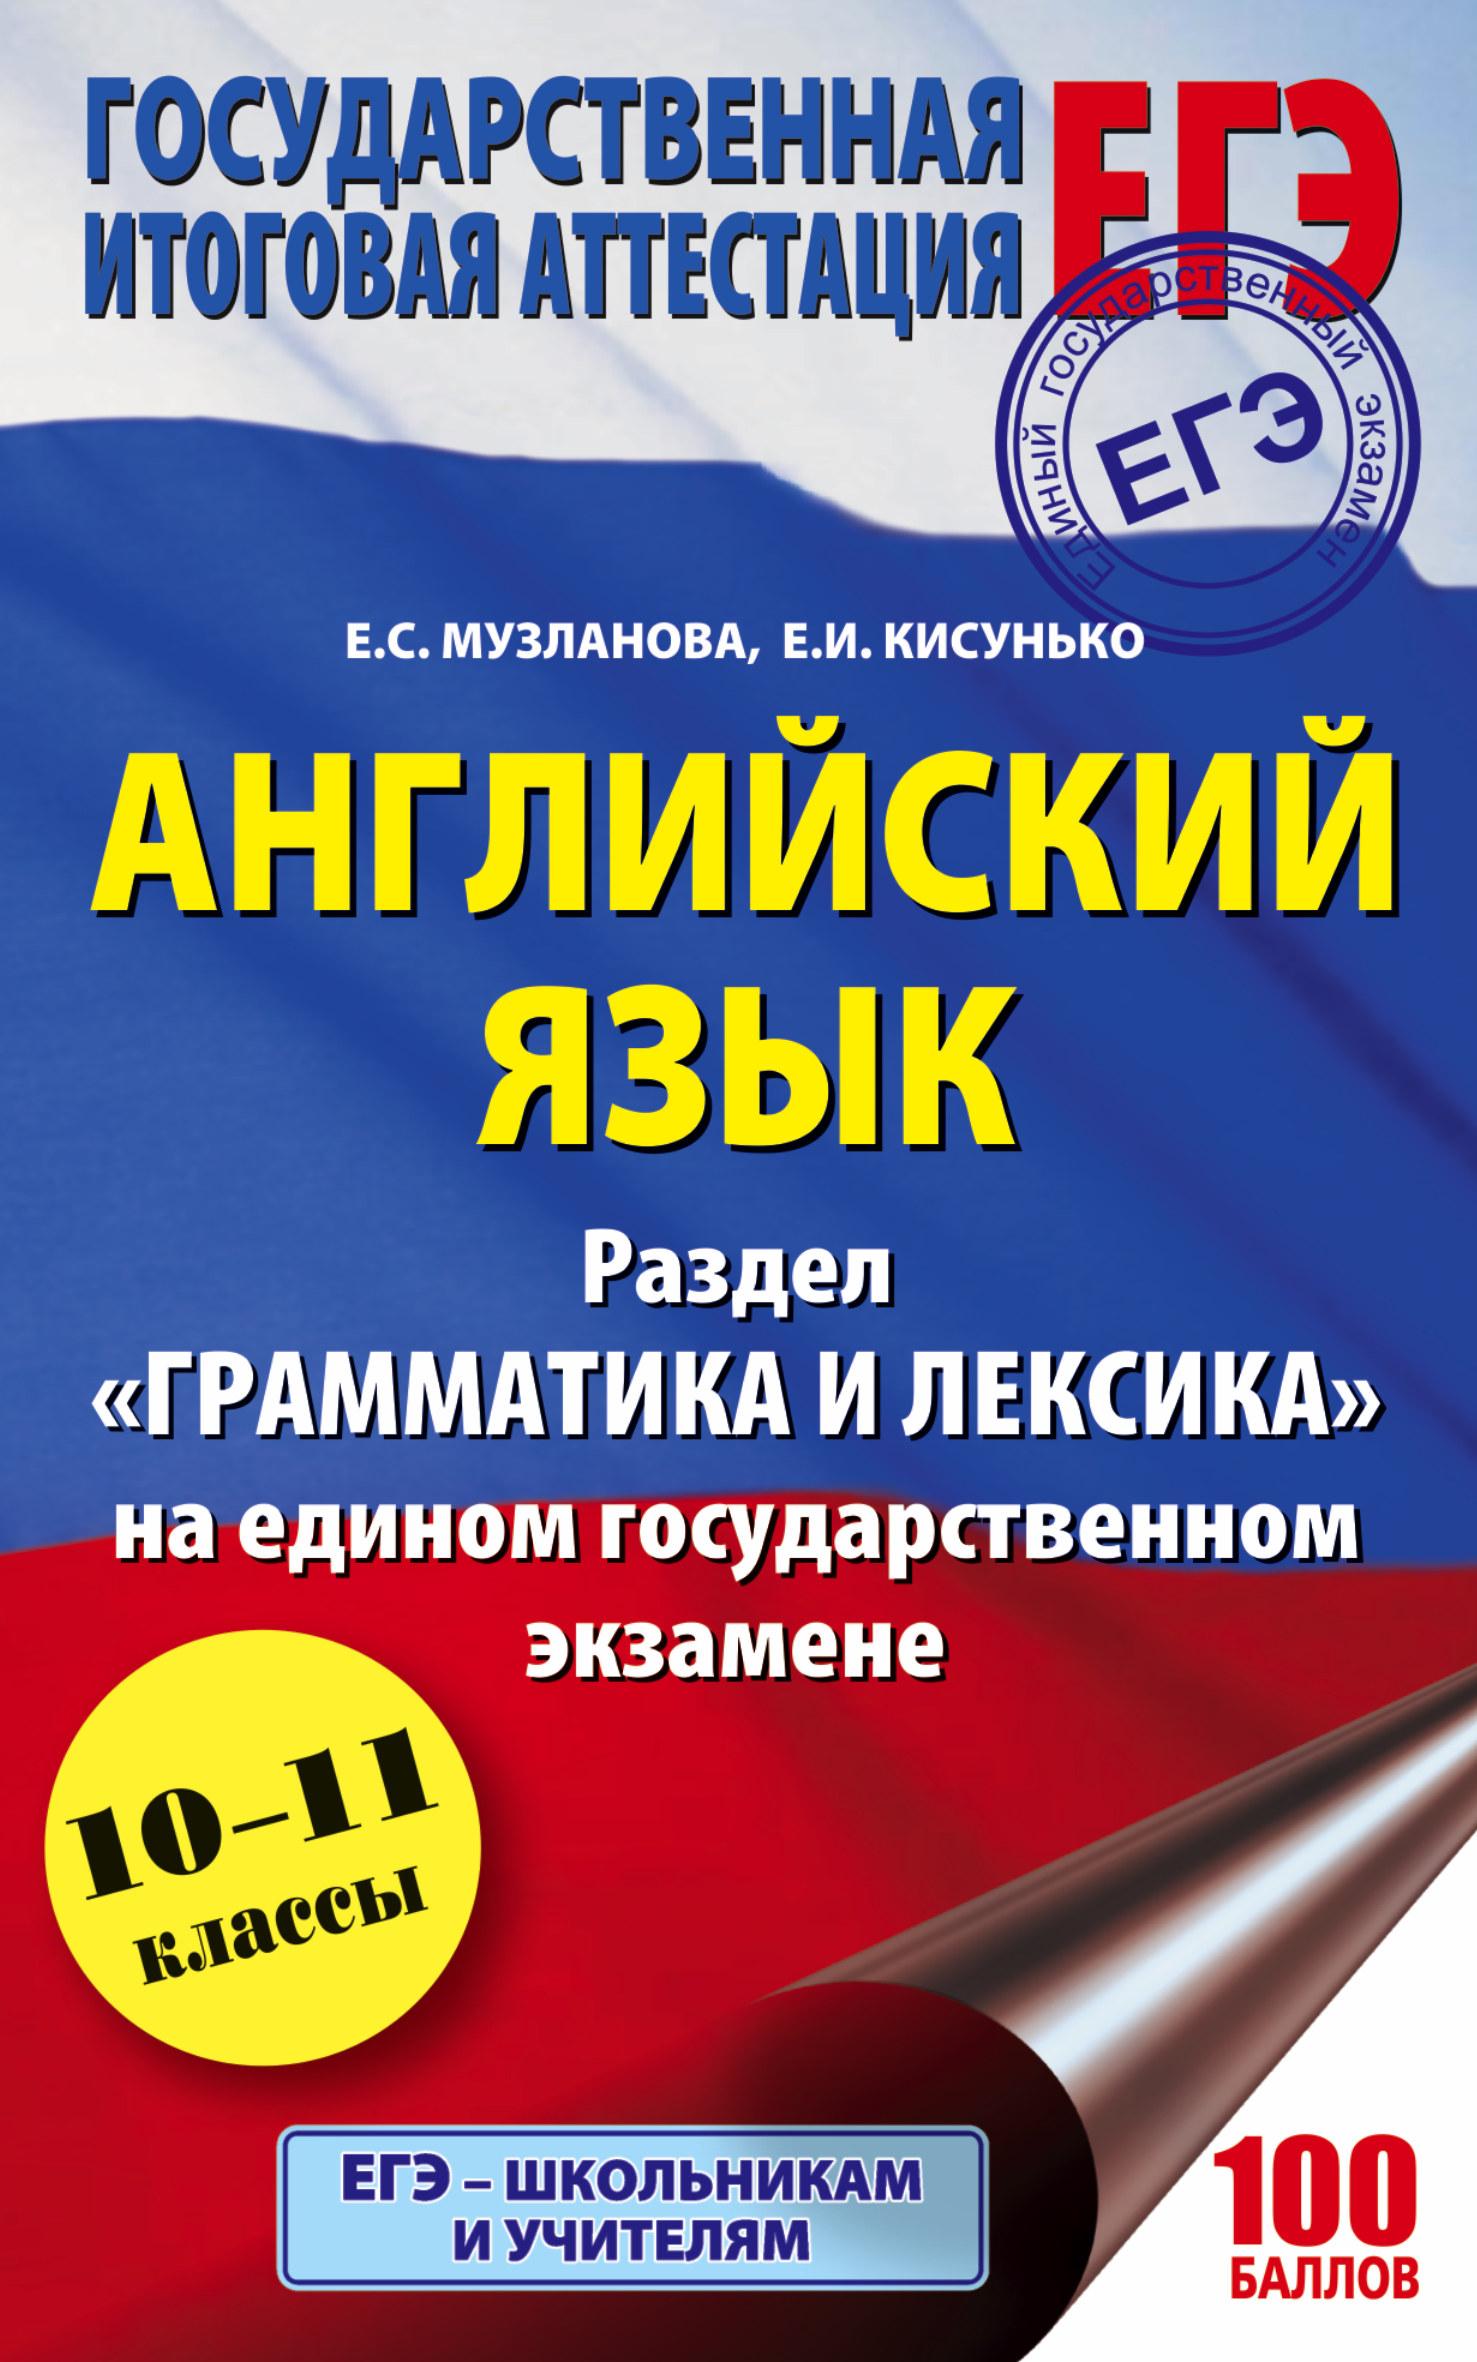 ЕГЭ. Английский язык. Раздел «Грамматика и лексика» на едином государственном экзамене Кисунько Музланова